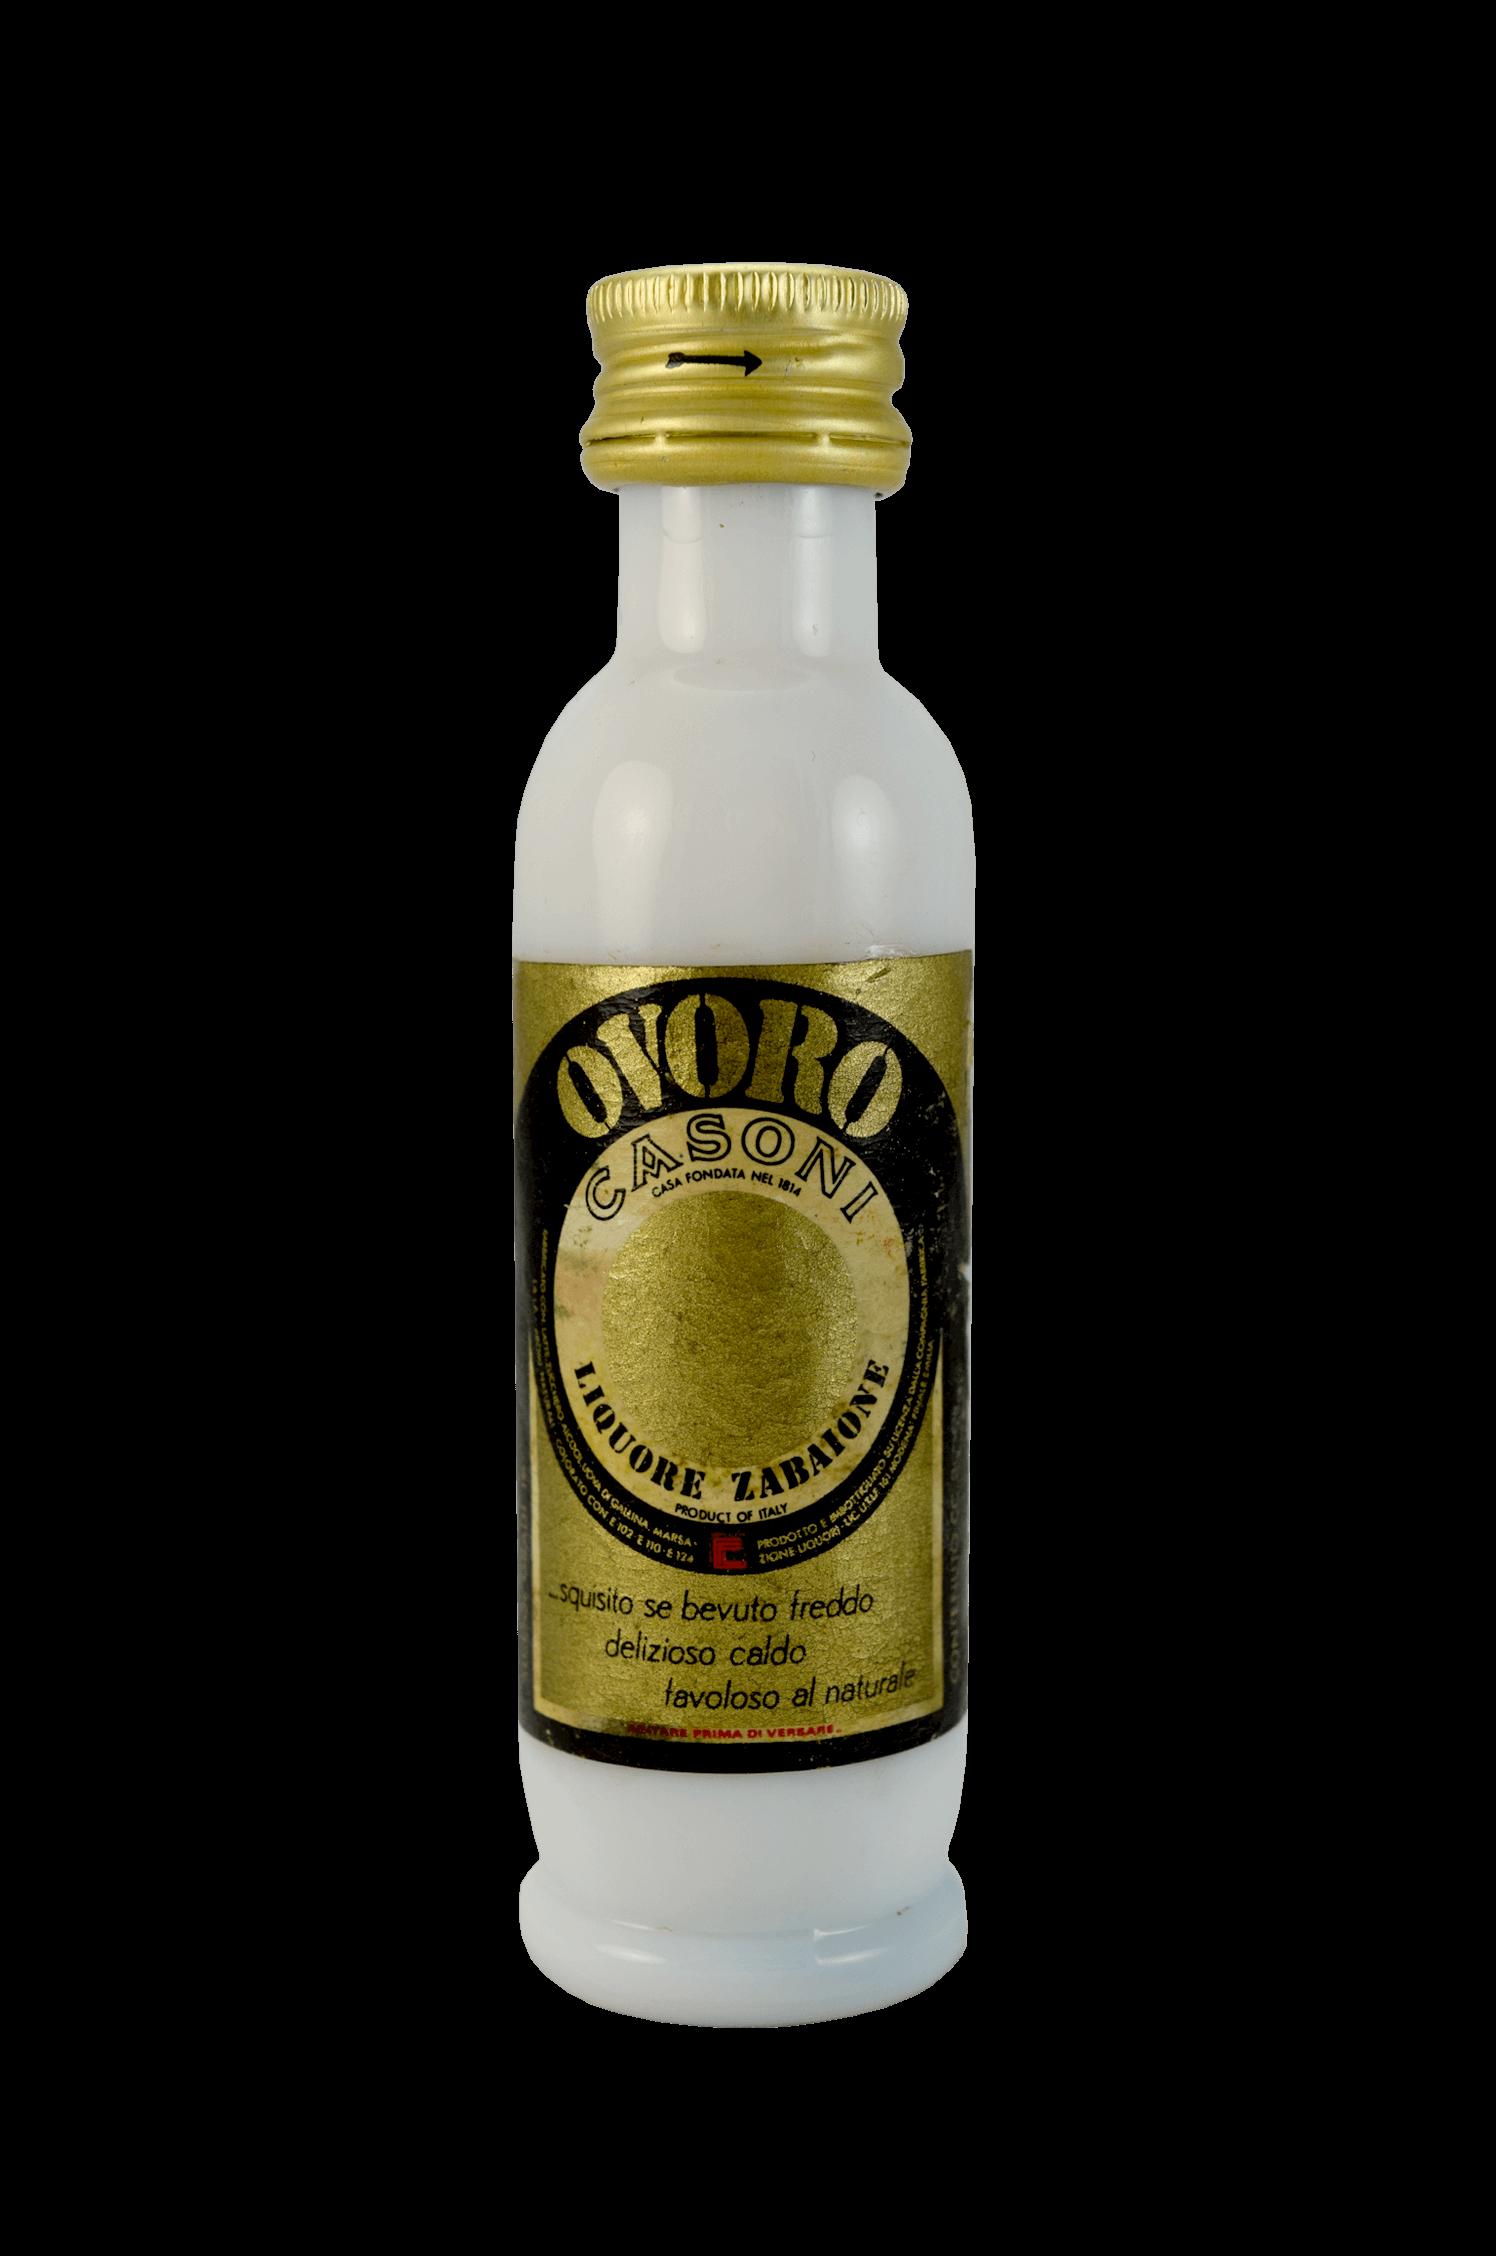 Ovoro Casoni Liquore